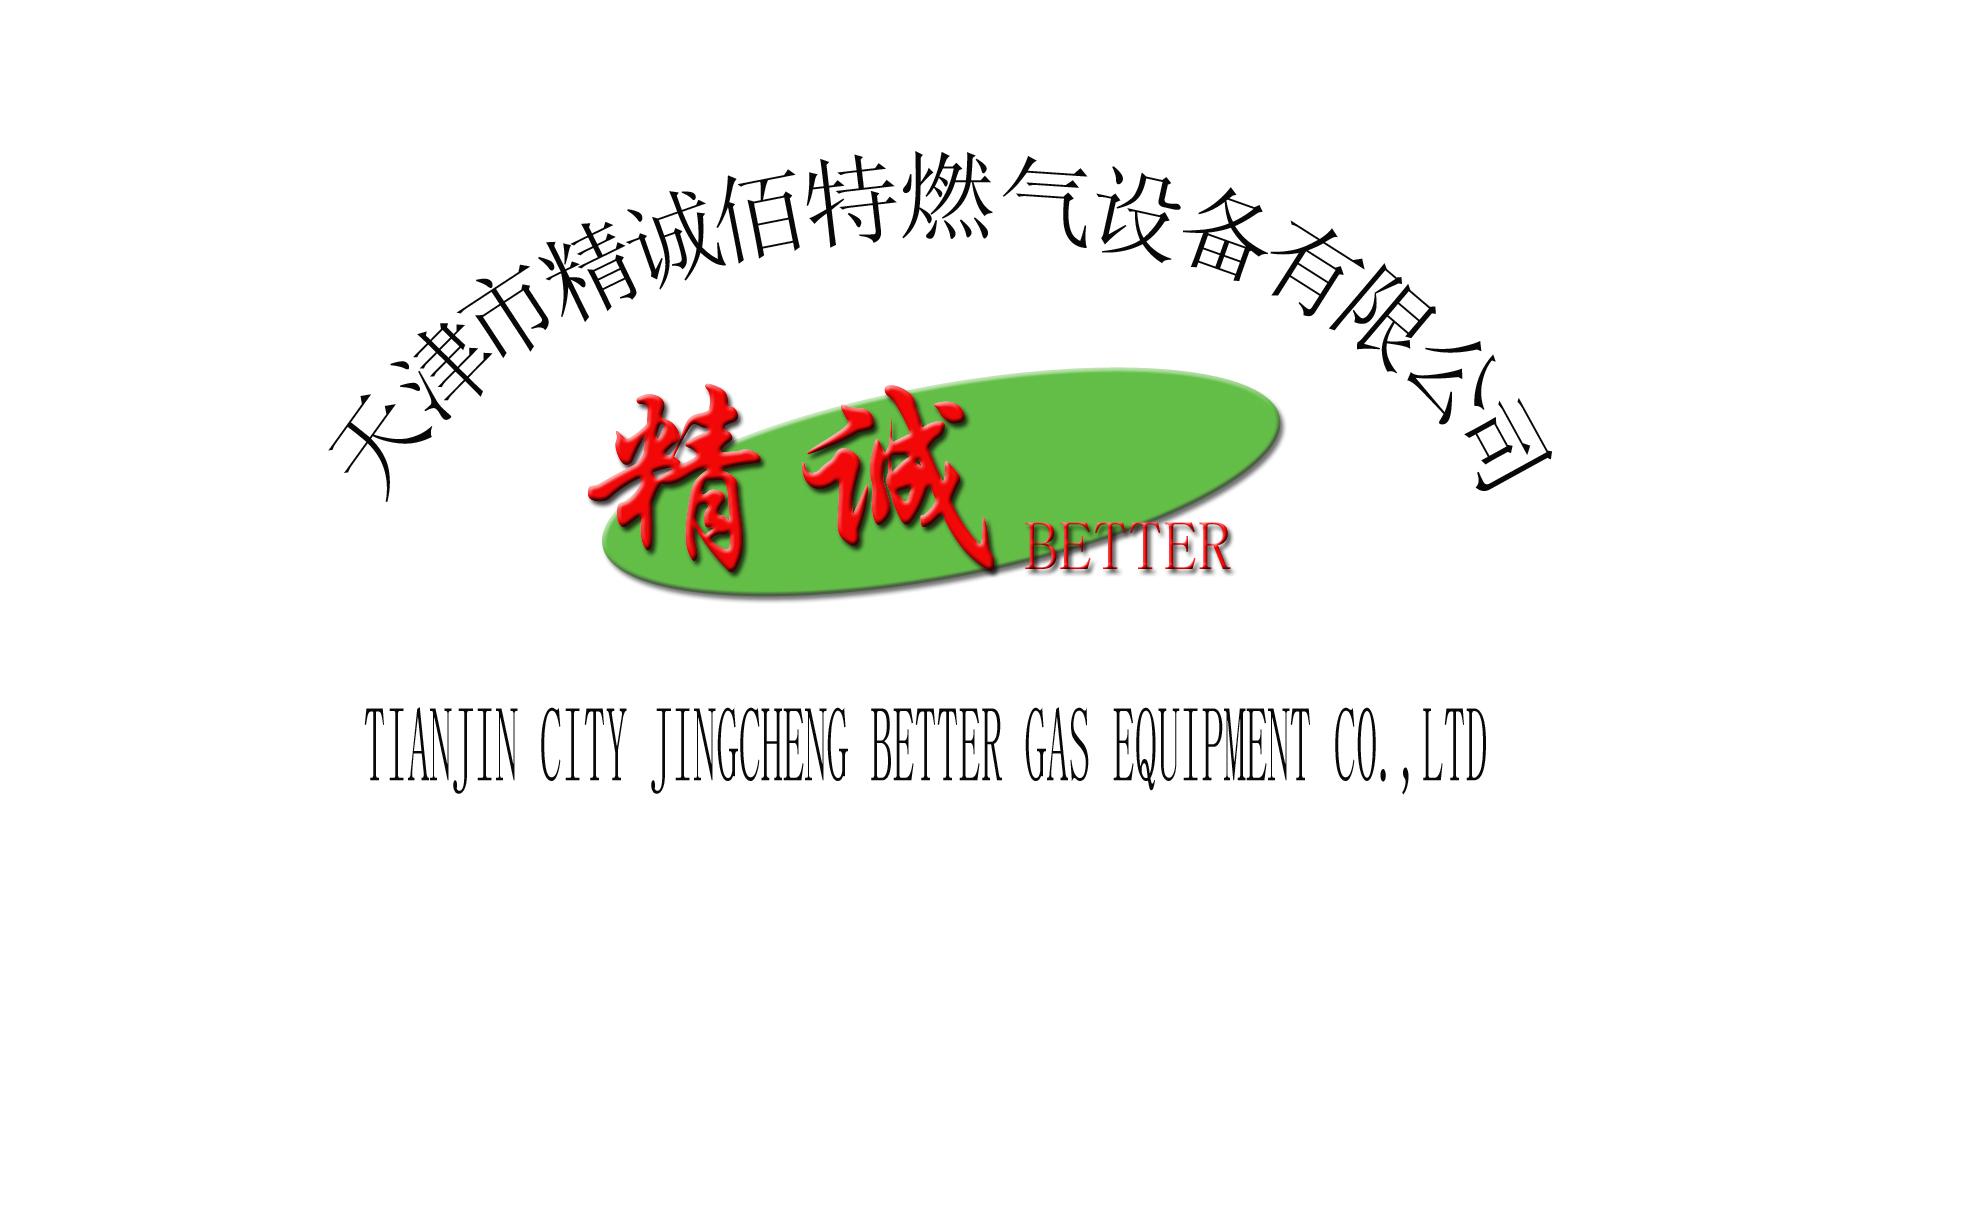 天津精诚佰特燃气设备公司